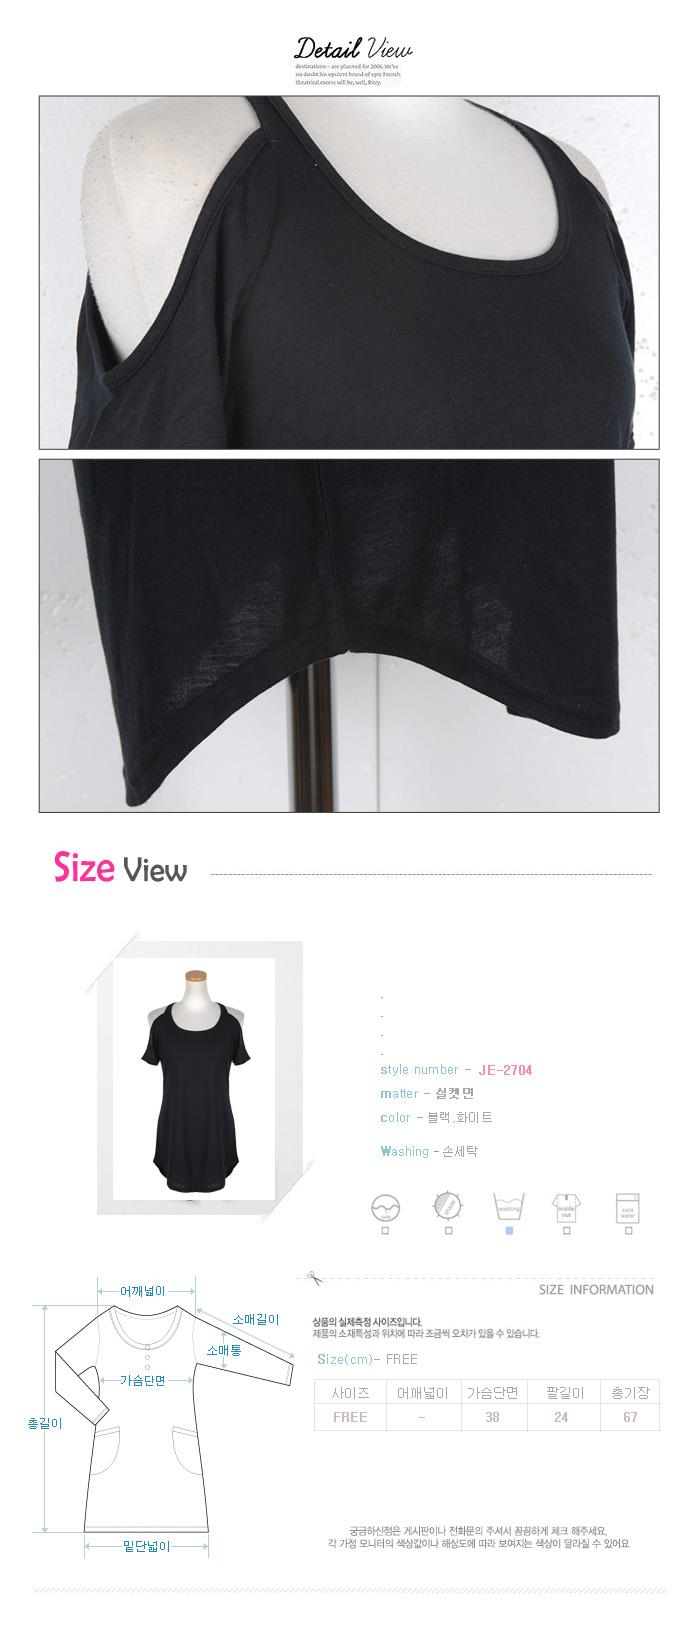 어깨컷팅 실켓 티셔츠 JE-2704 상세사진